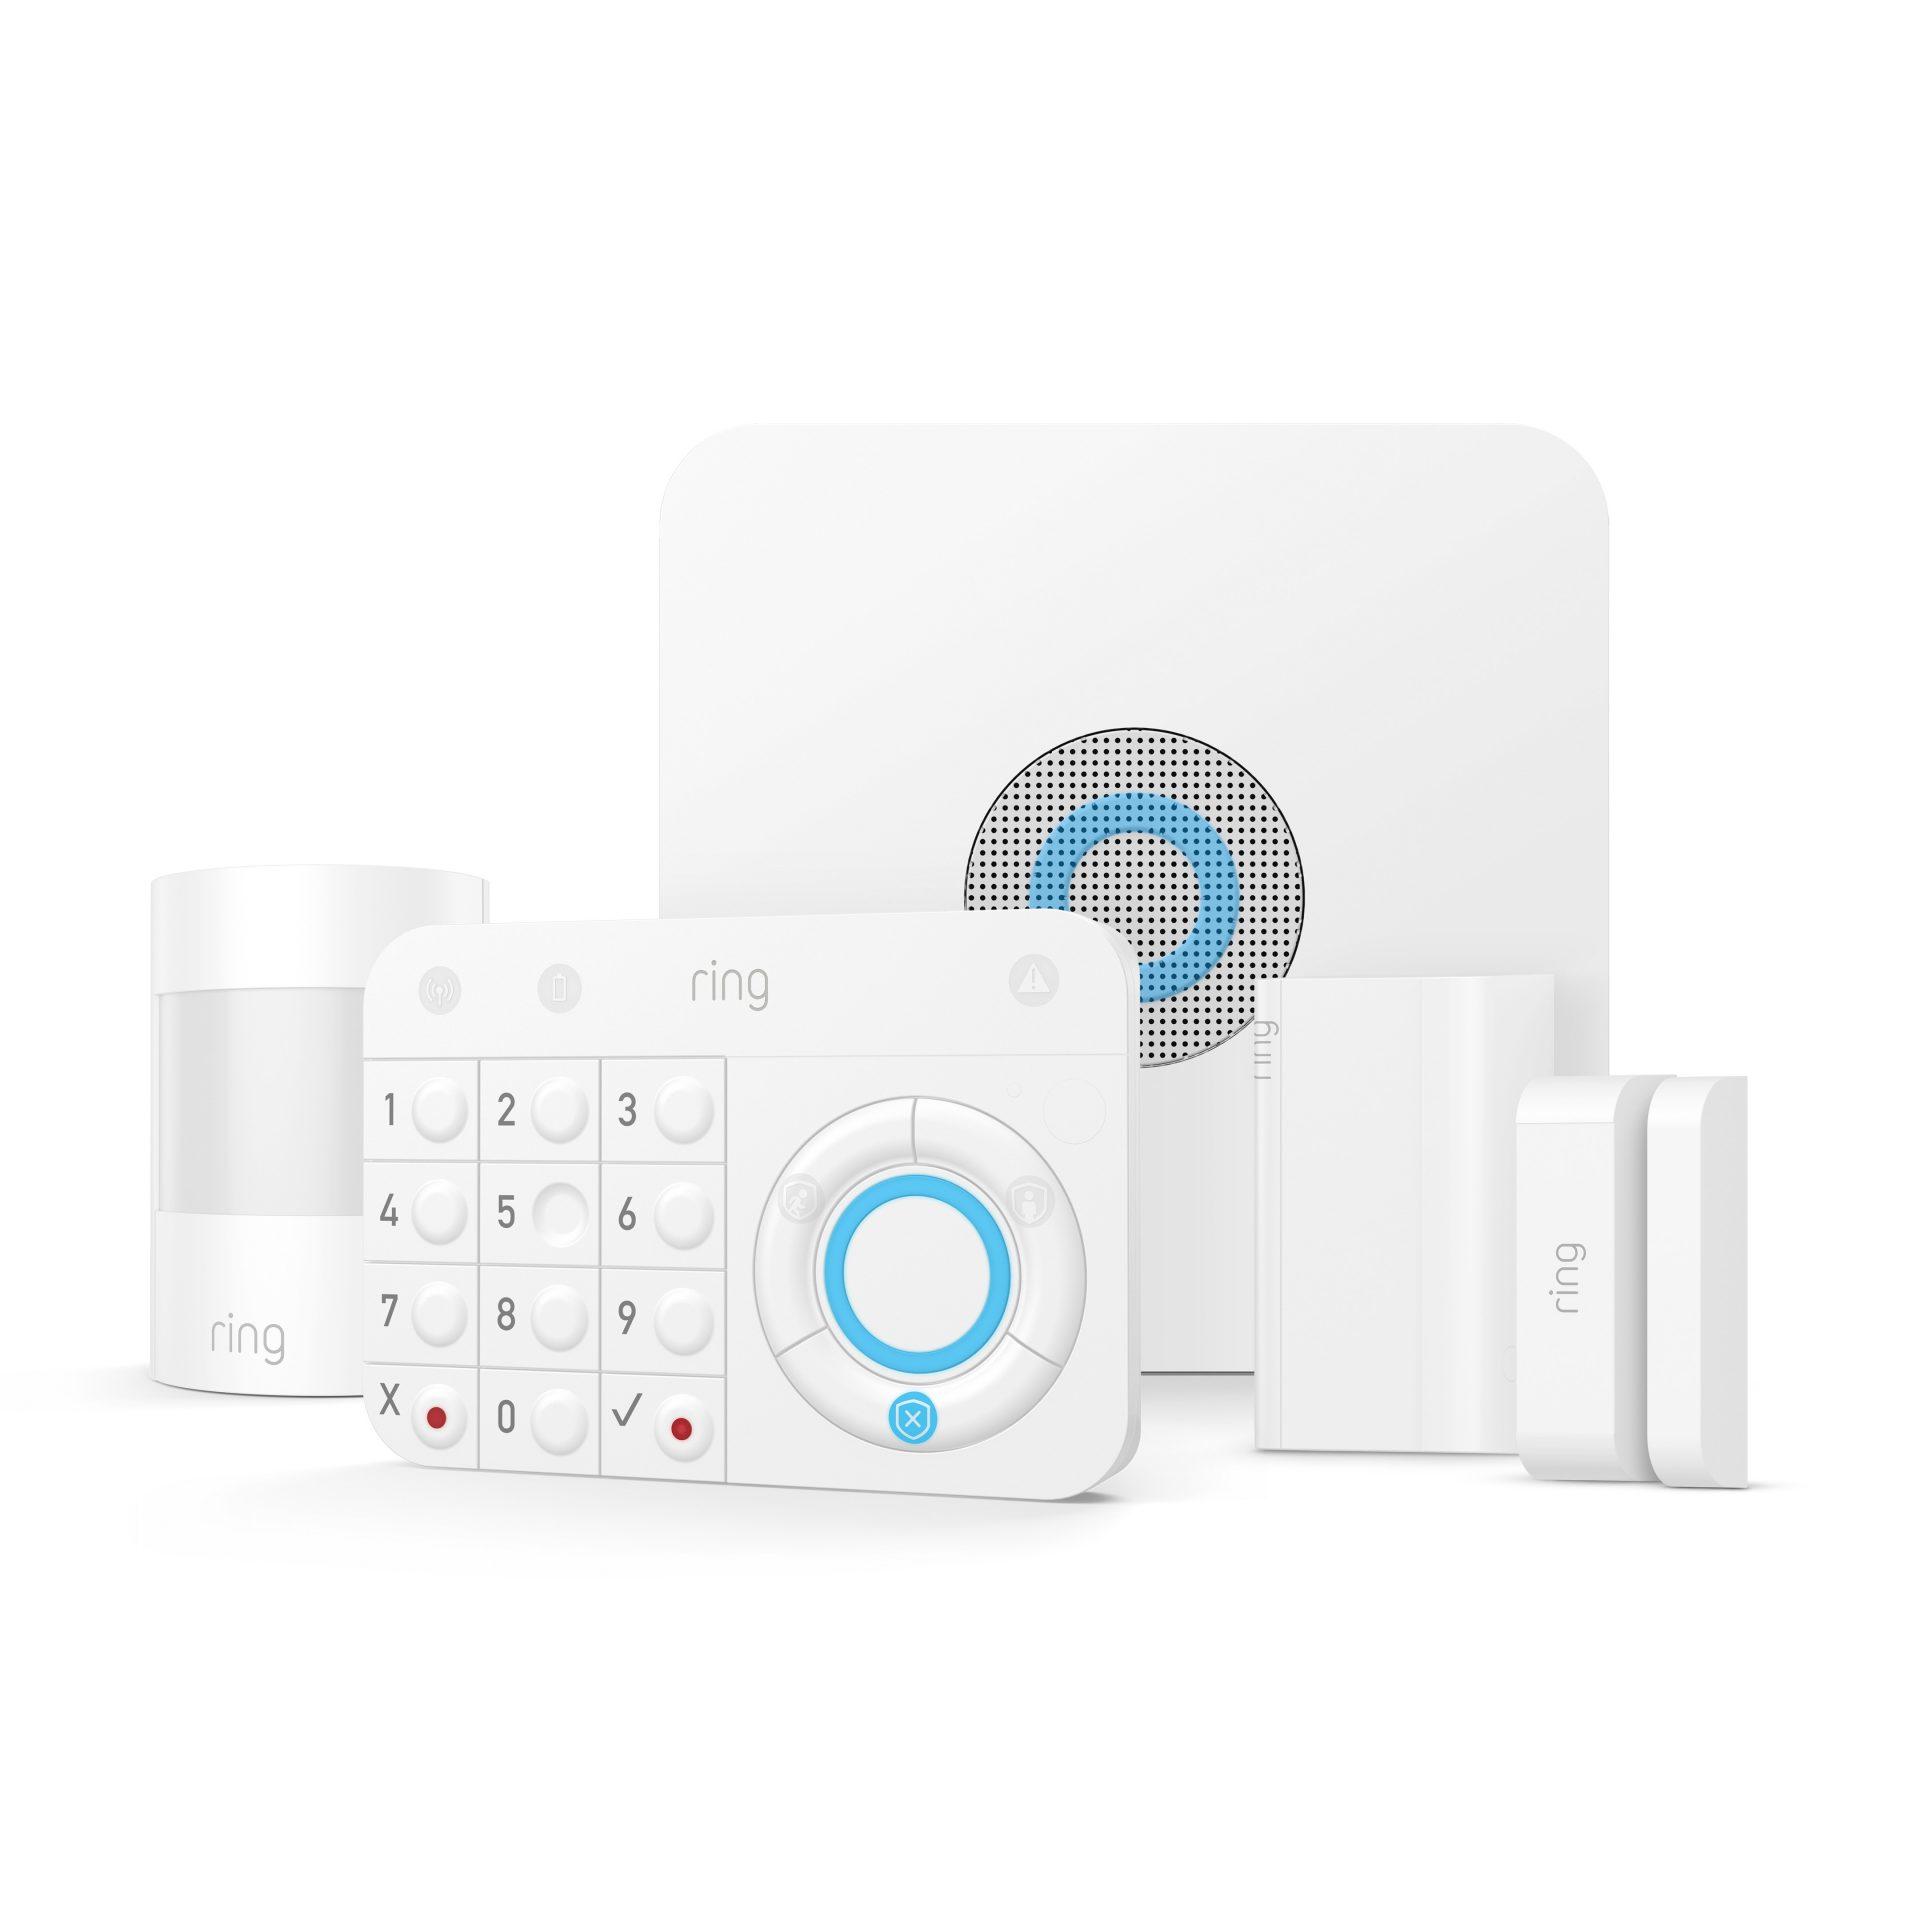 Ring Alarm Security Kit 1920x1920 - Ring lanserer gjør-det-selv-alarm til hjemmet